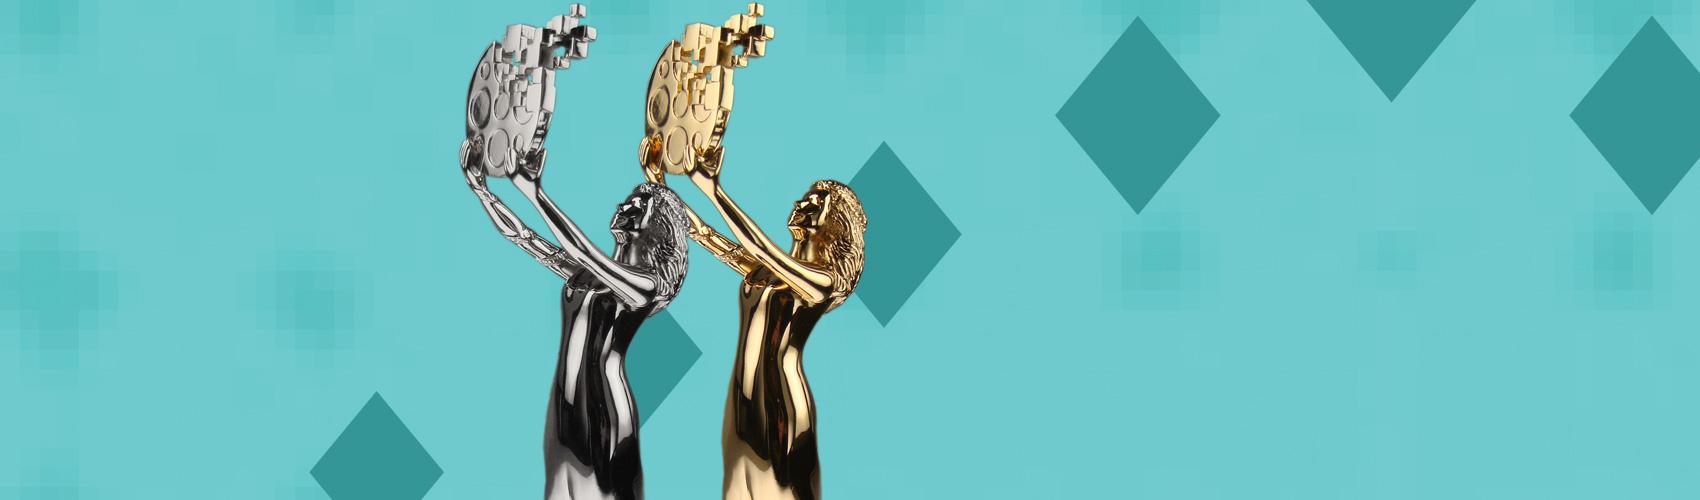 ava-digital-awards